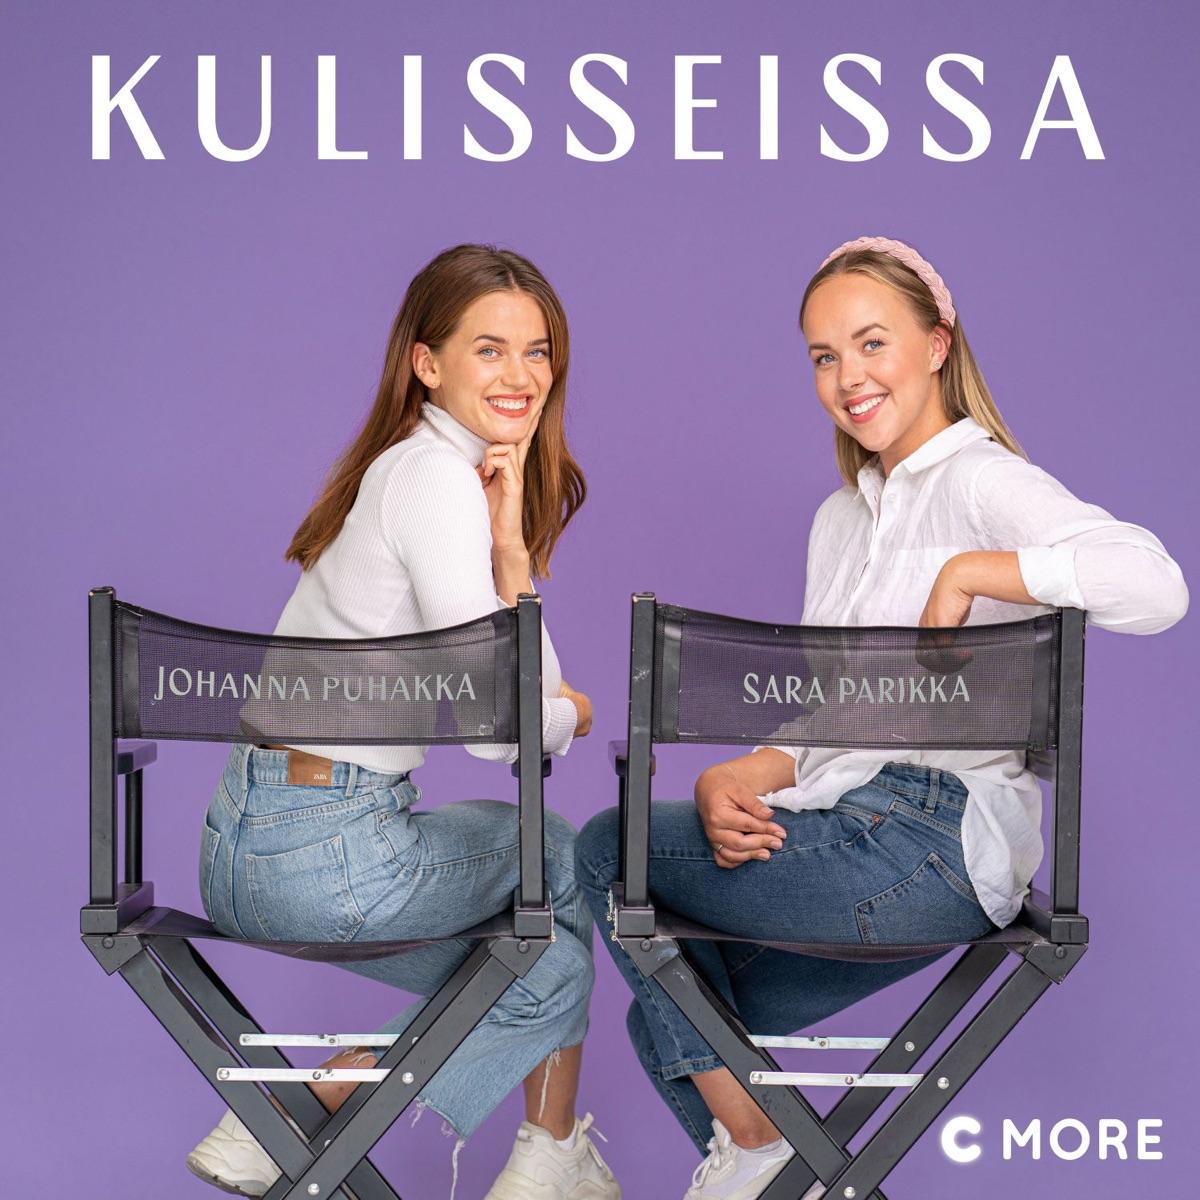 Kulisseissa by Sara Parikka & Johanna Puhakka